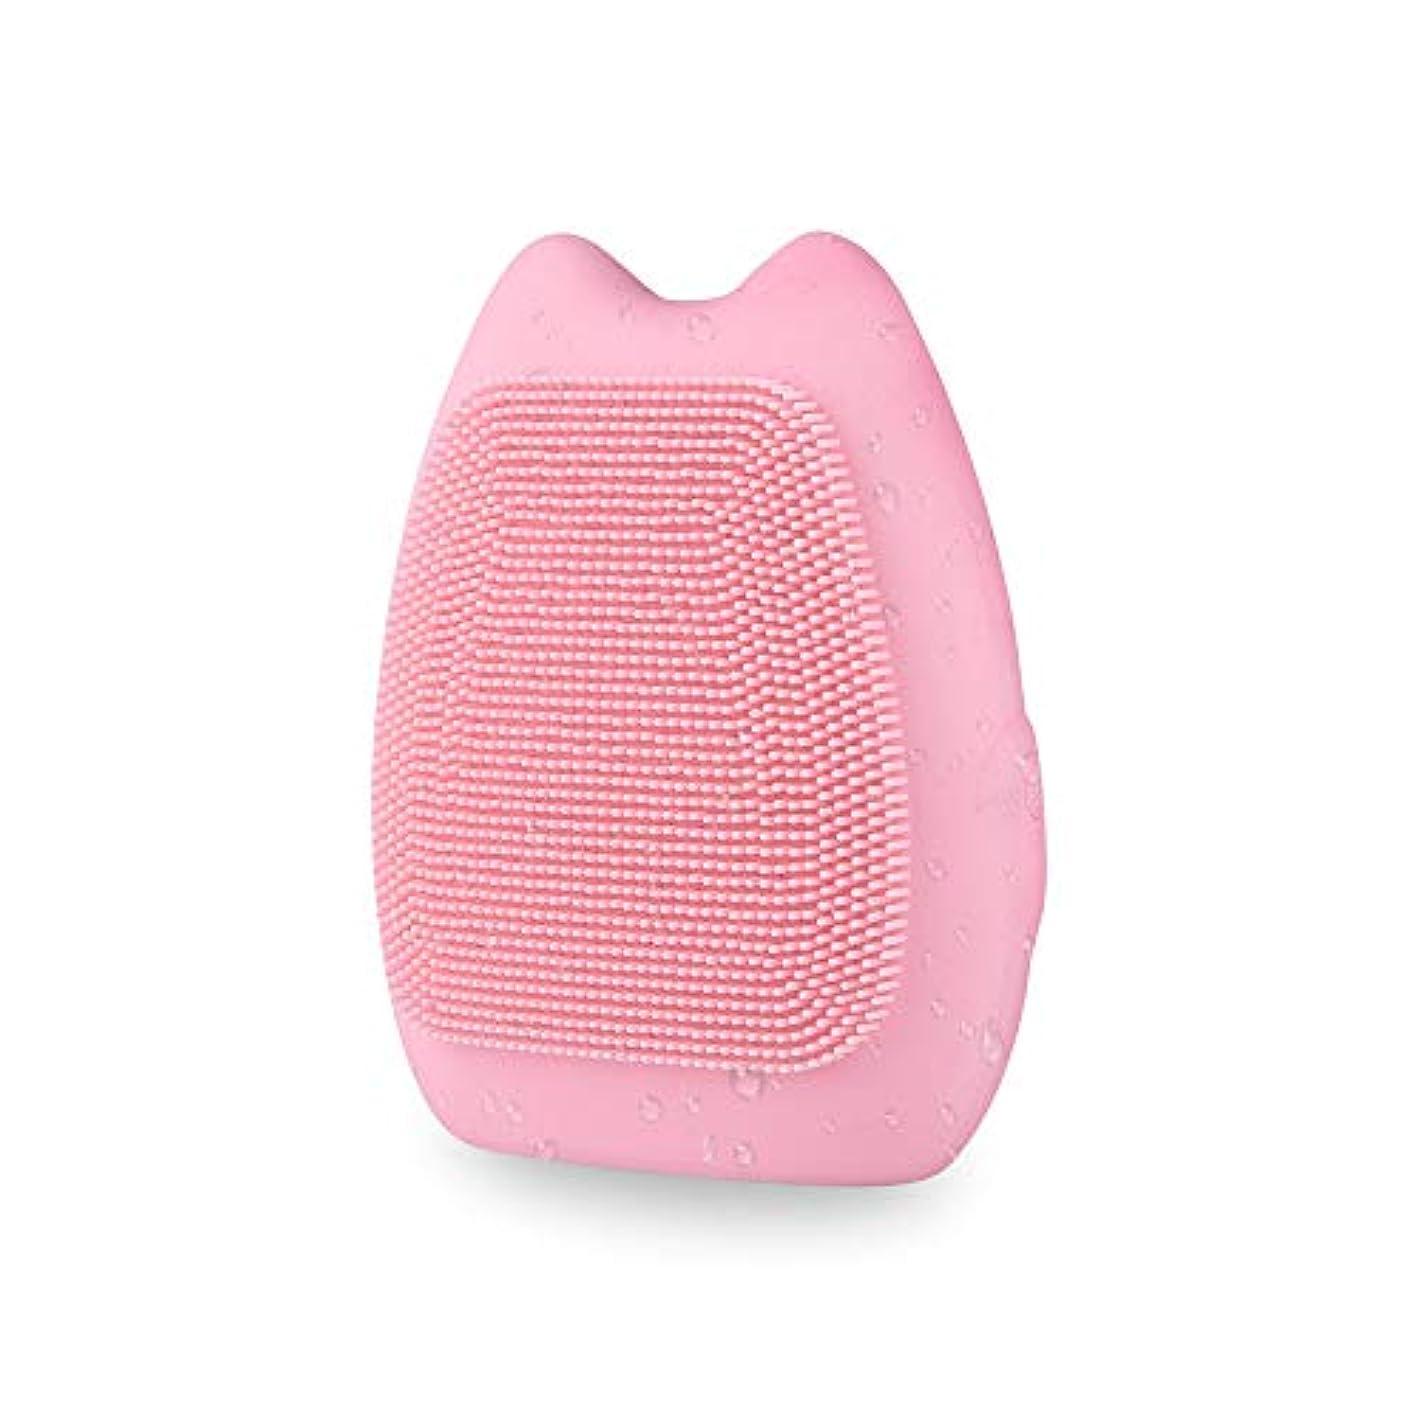 温度クローゼットセイはさておきSeaerフェイシャルクレンジングブラシ、穏やかな剥離とディープスクラブのための防水ミニシリコンフェイシャルブラシフェイシャルマッサージクレンザー (ピンク)